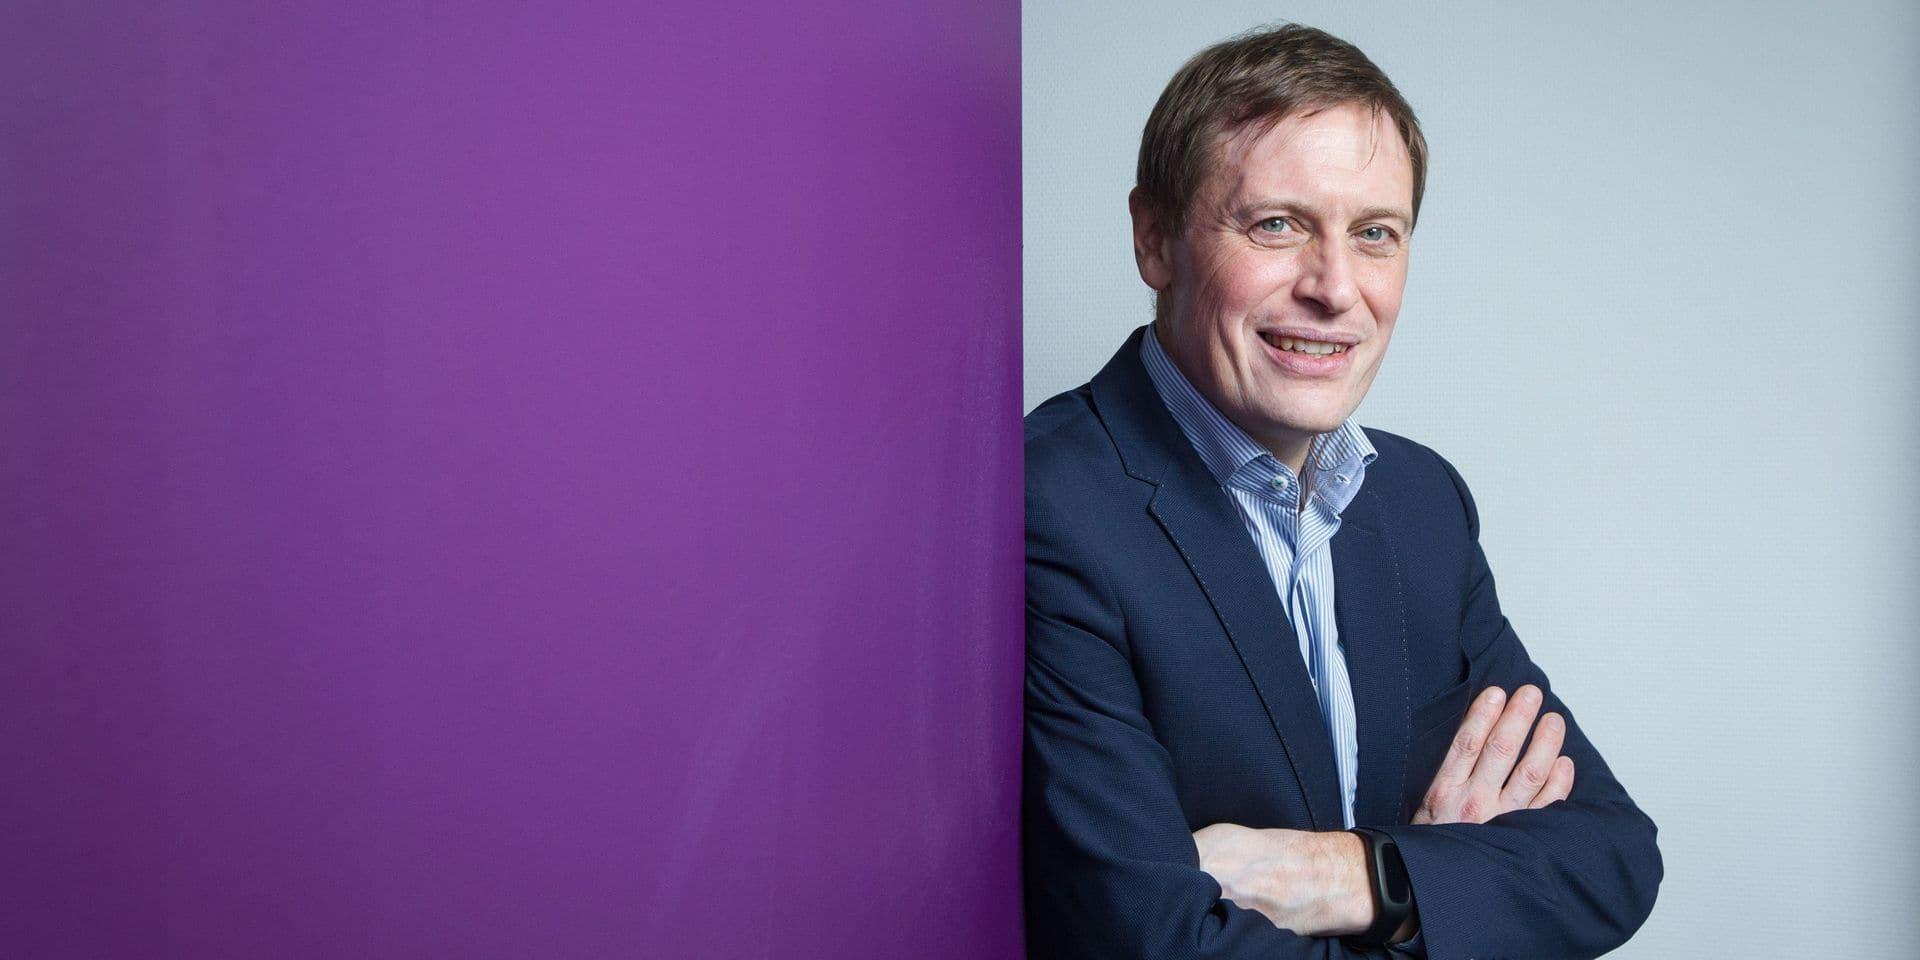 Le CEO de Febelfin devient le patron du Sporting d'Anderlecht